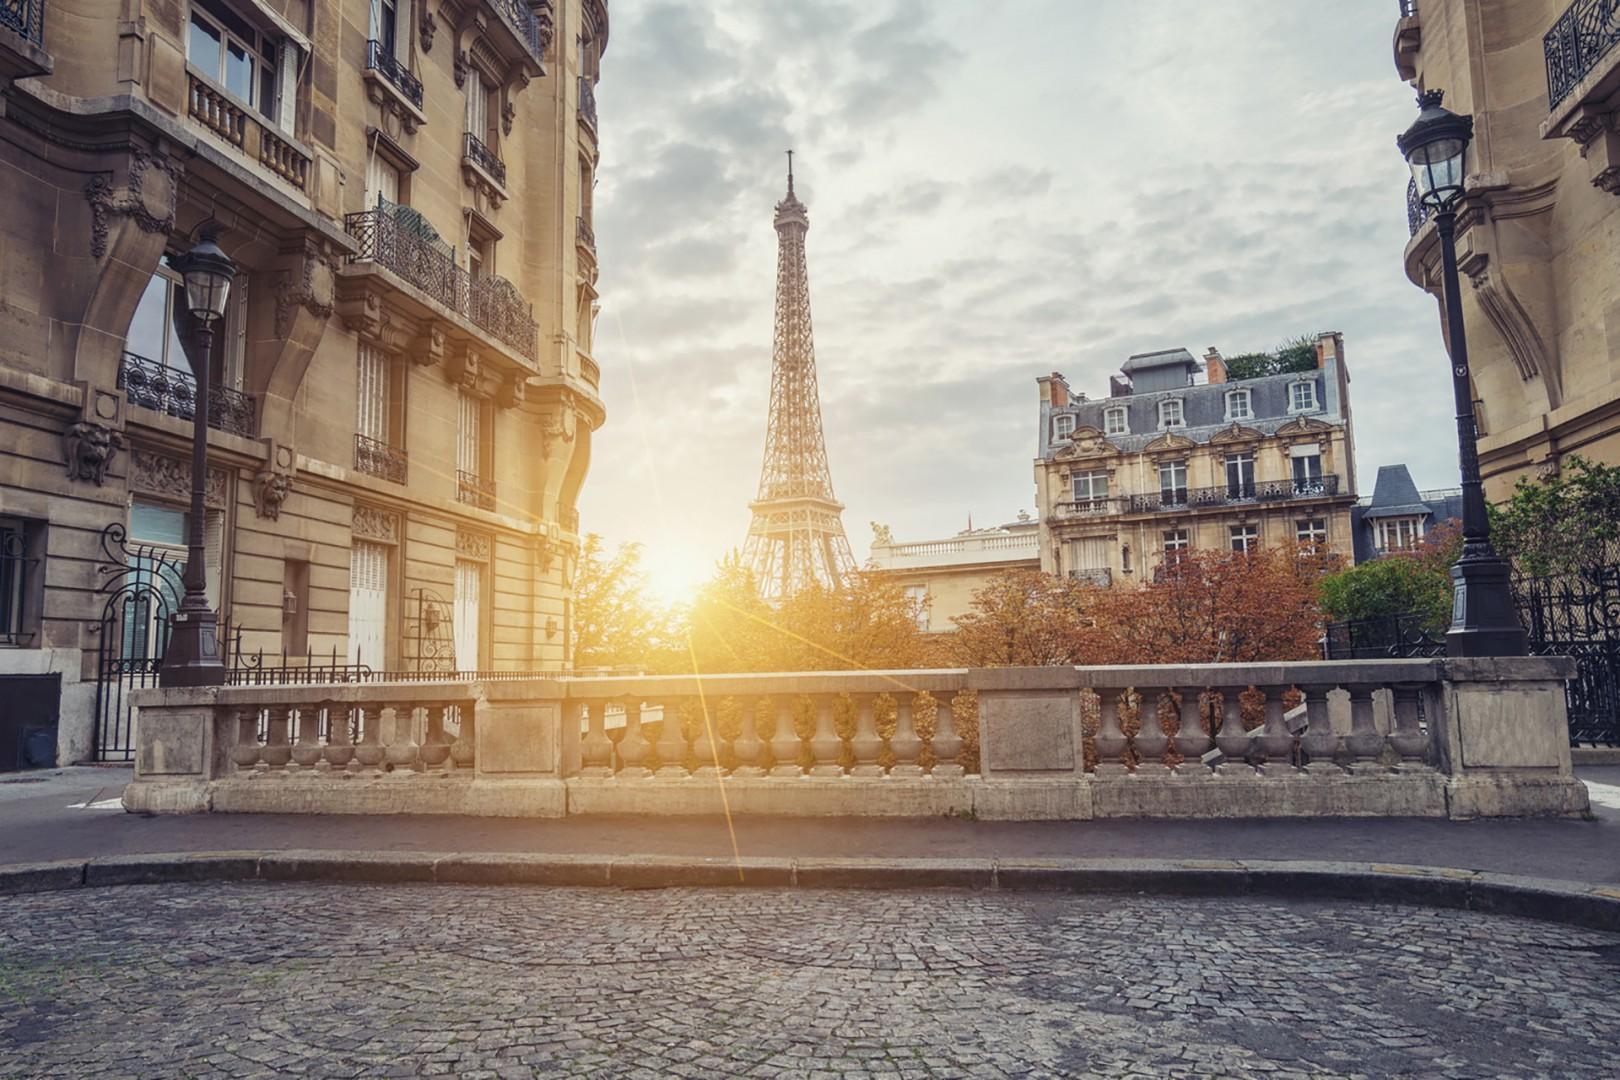 FO_172495299-Avenue-de-Camoëns-Eiffel-Tower